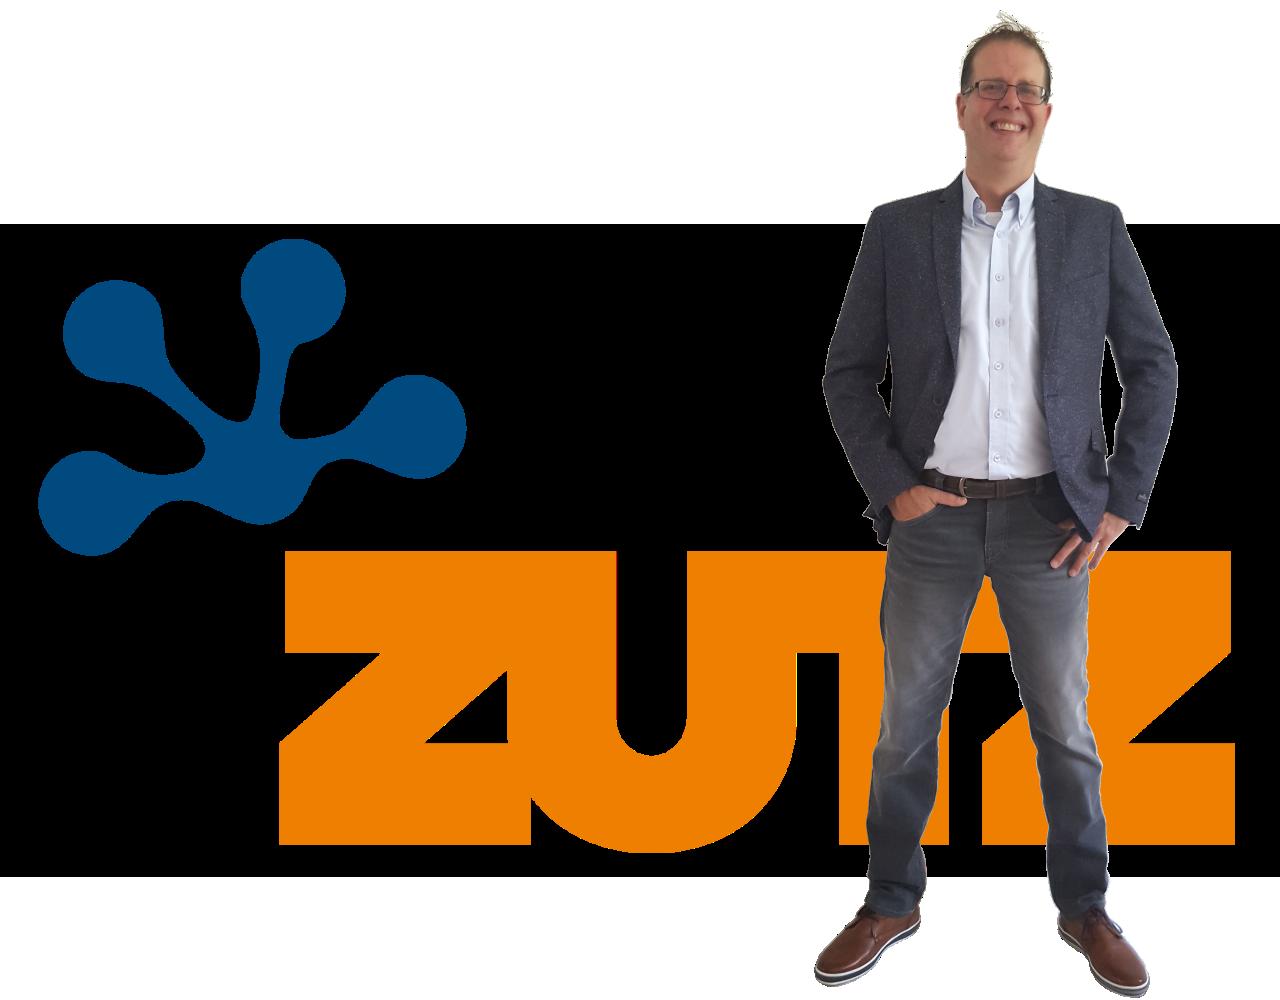 ZUTZ: Website ontwikkeling, bouw van WordPress websites en websitebeheer, zoekmachine en snelheid optimalisatie, website onderhoud.